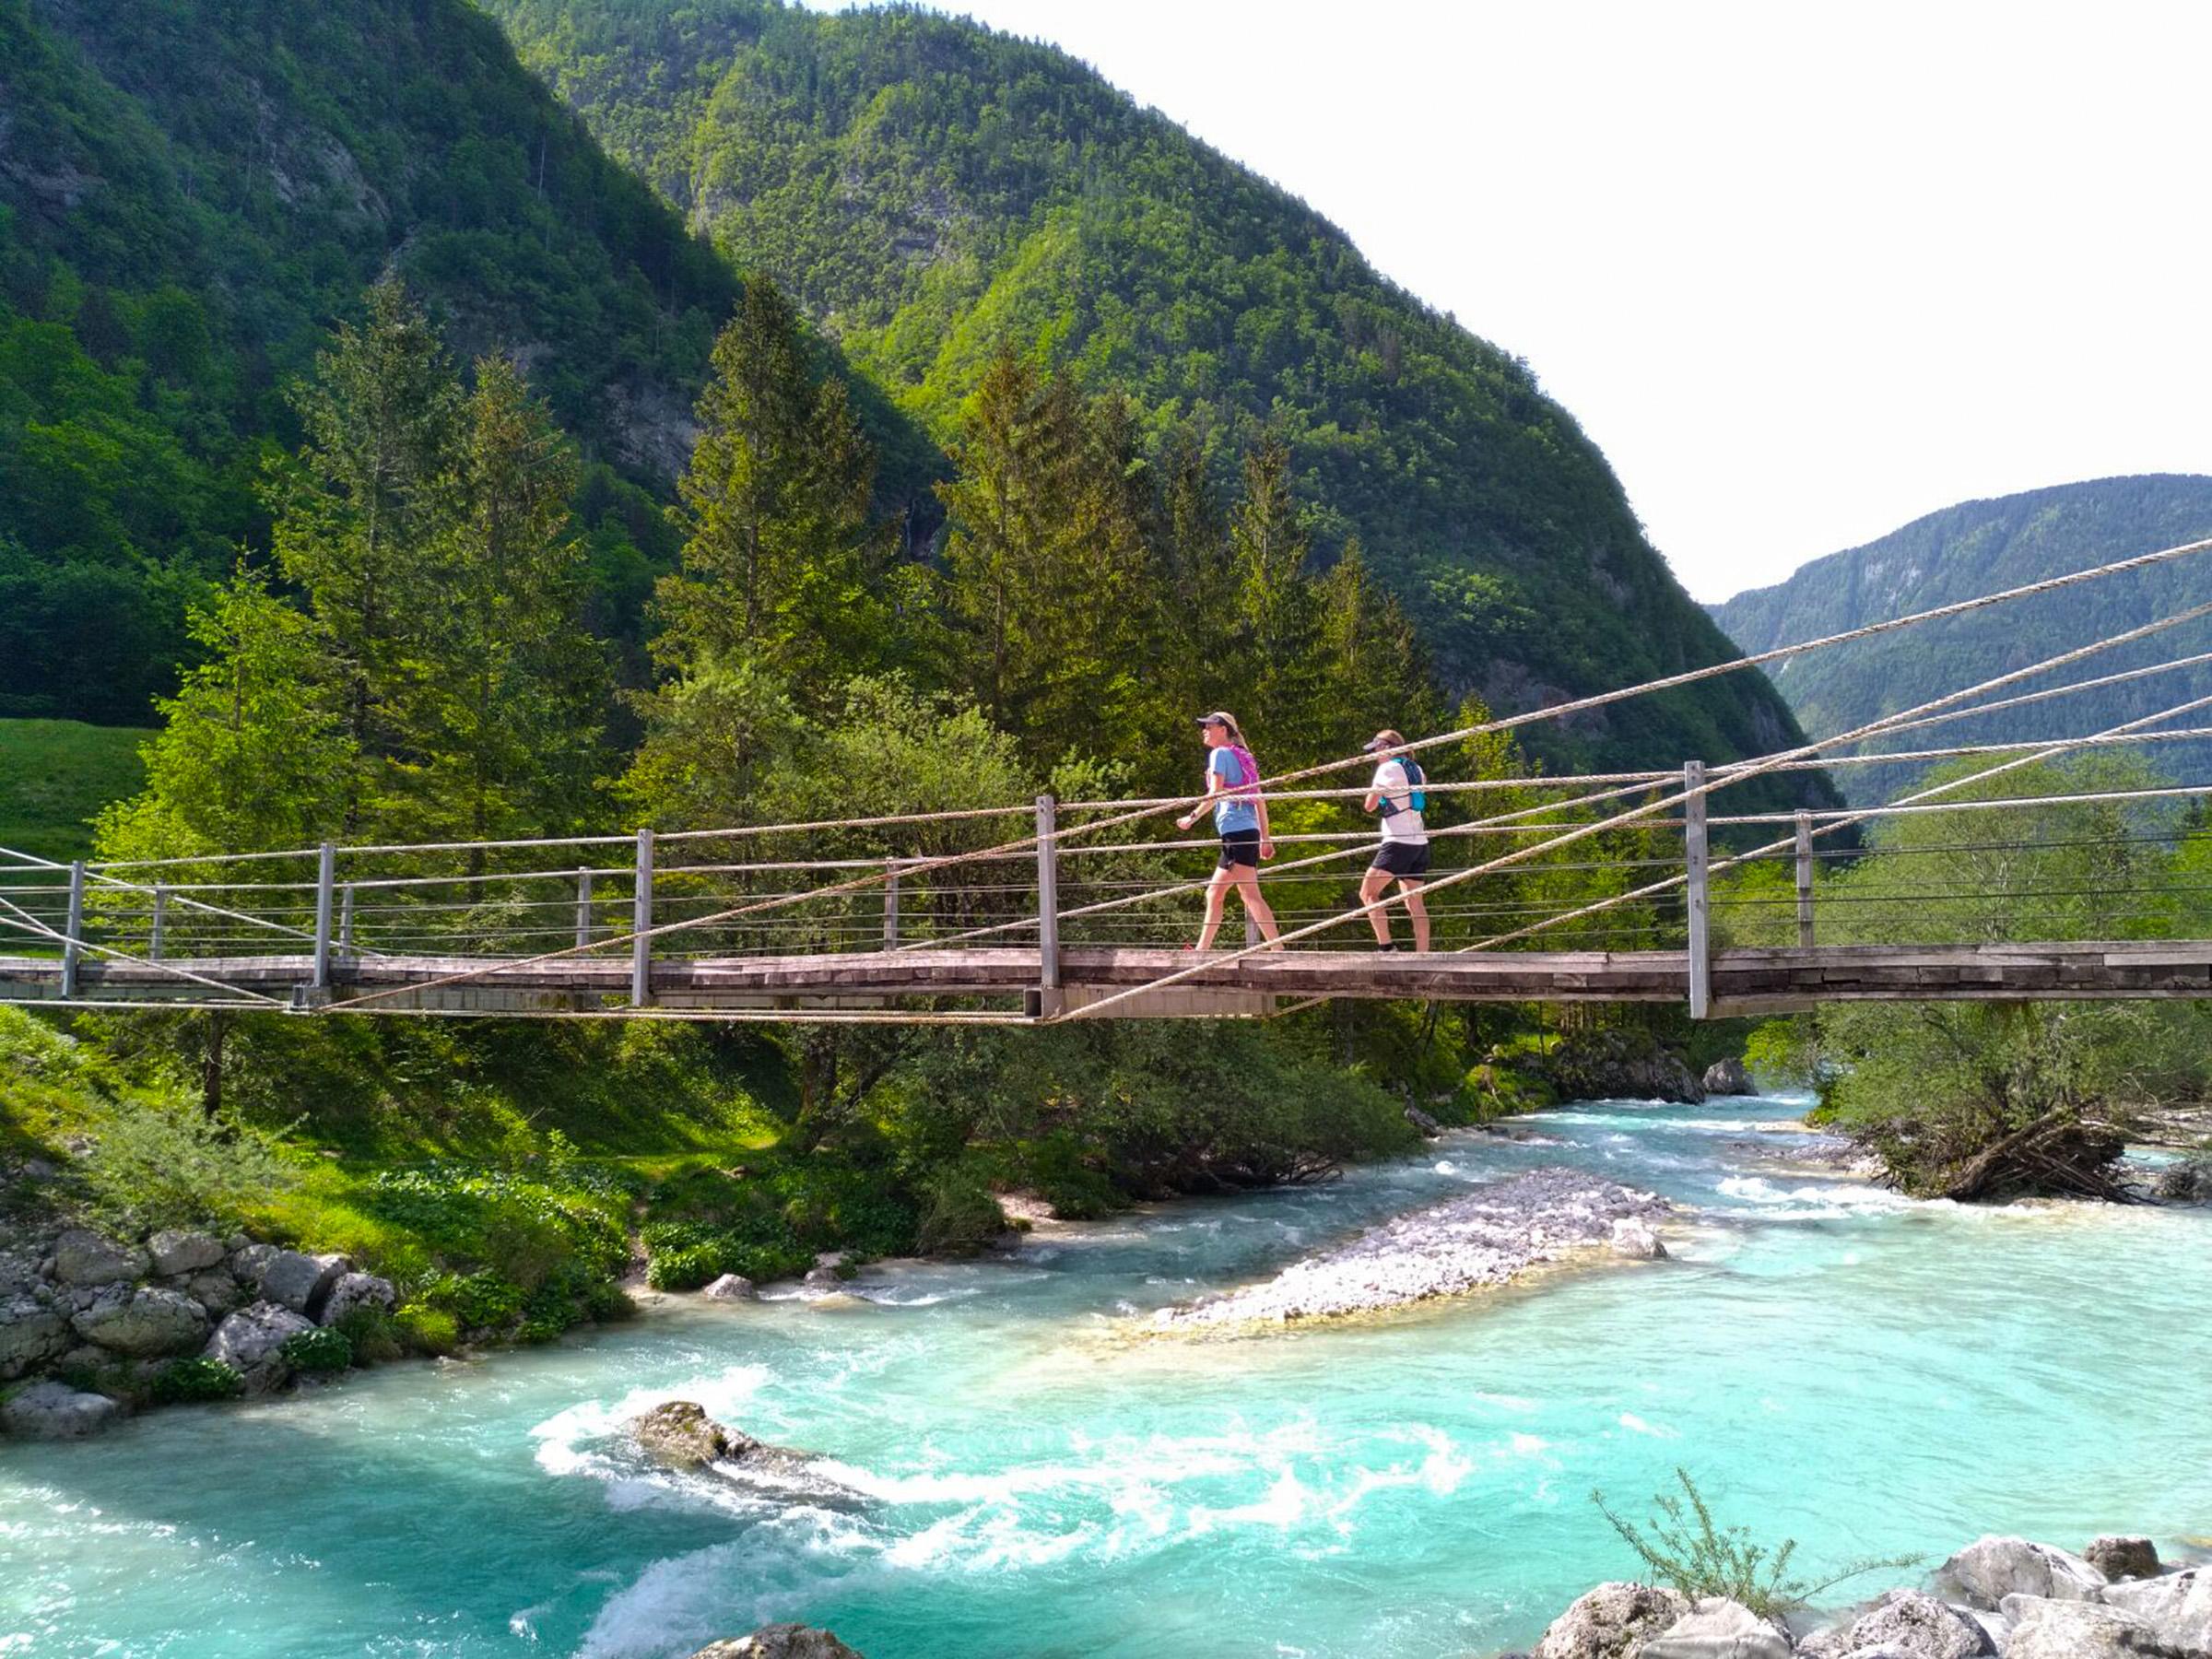 river run2.jpg